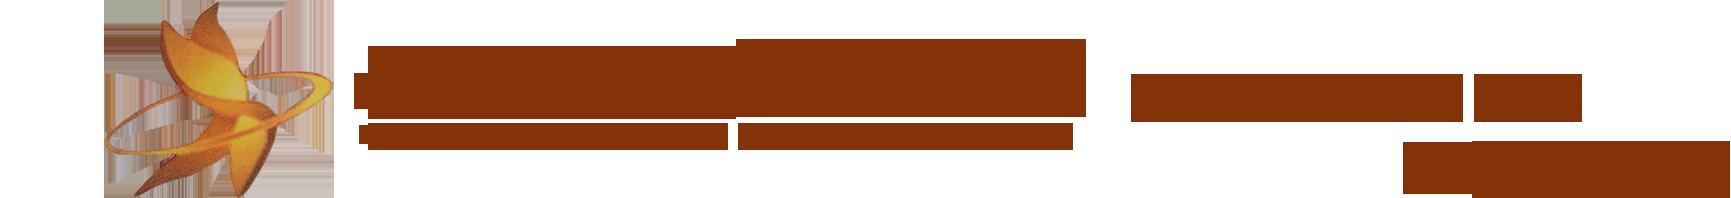 兰州澳门ag在线注册机电有限公司